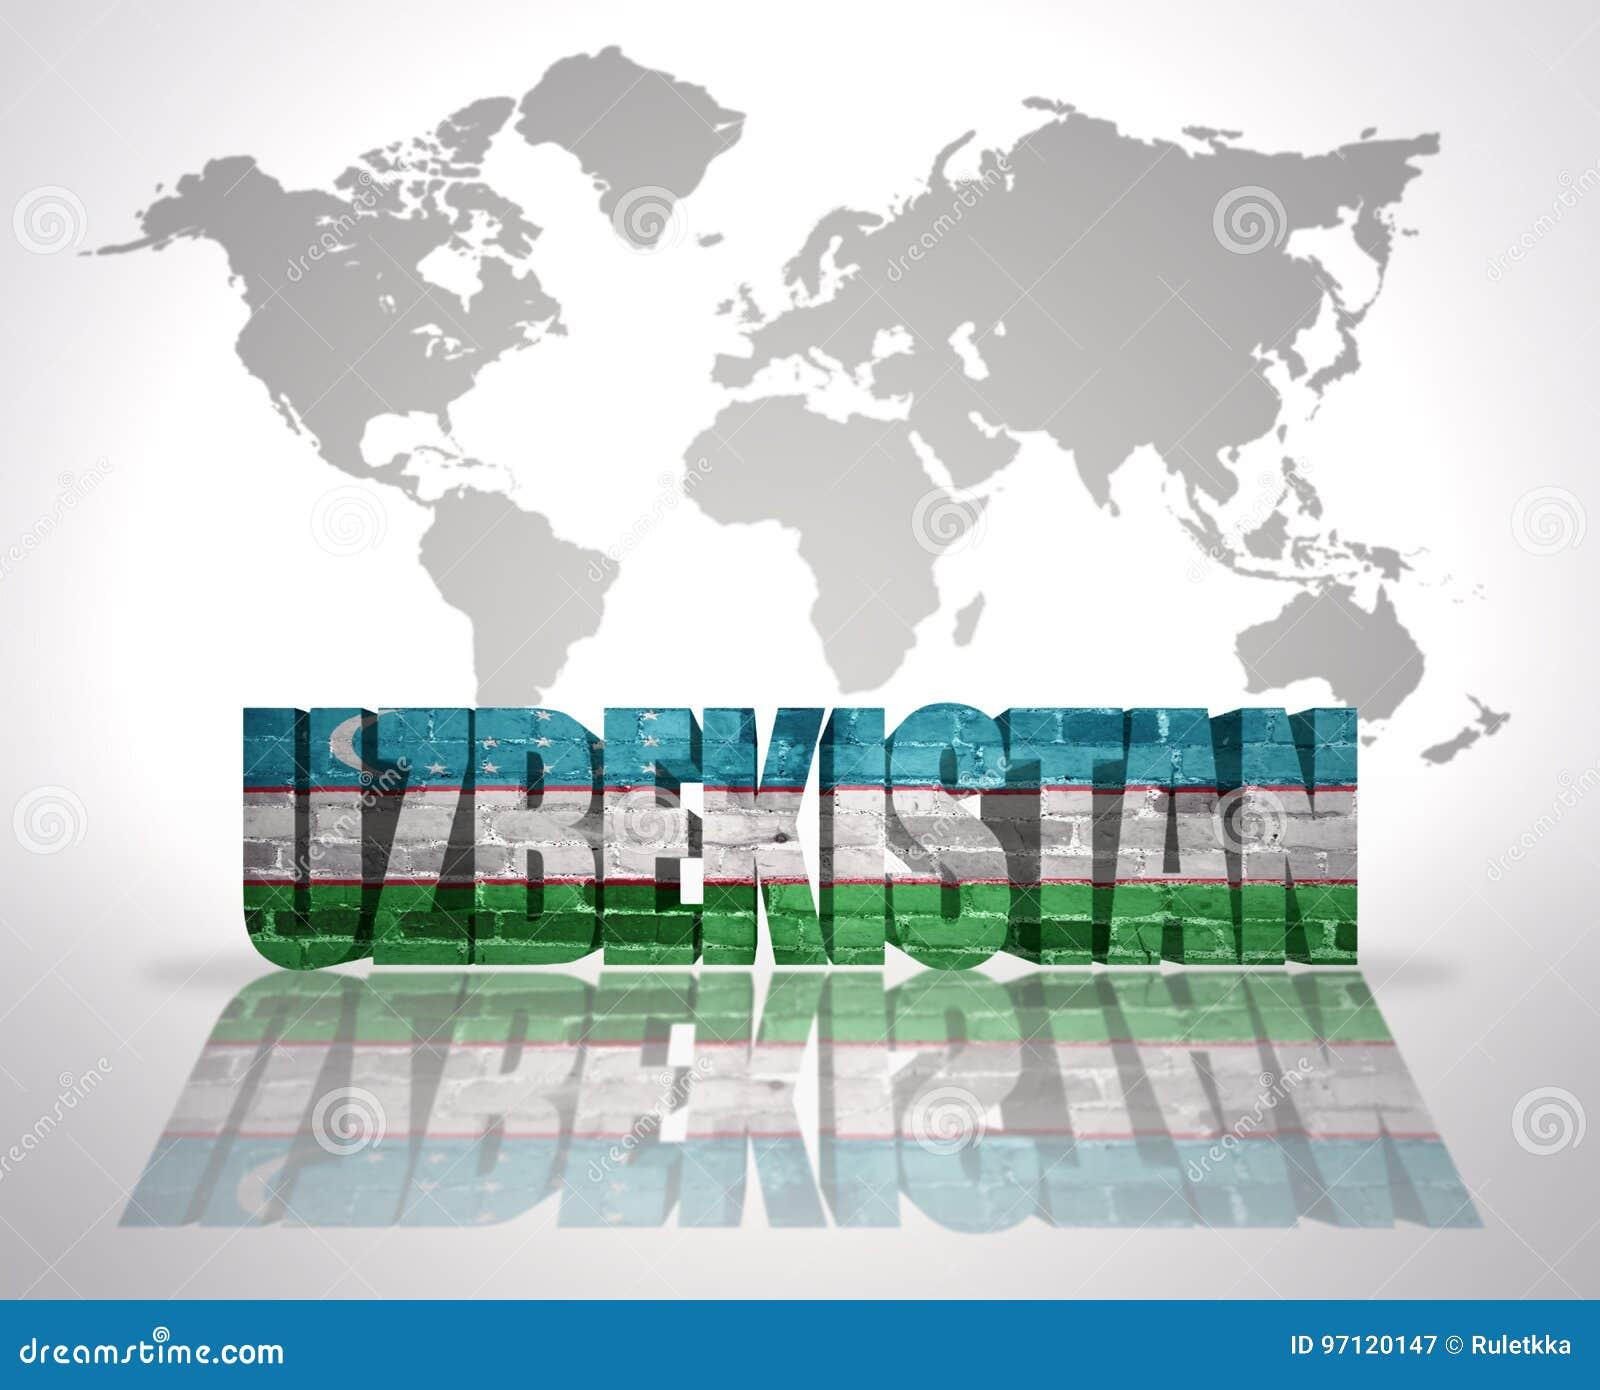 Image of: Word Uzbekistan On A World Map Background Stock Illustration Illustration Of Asia Flag 97120147